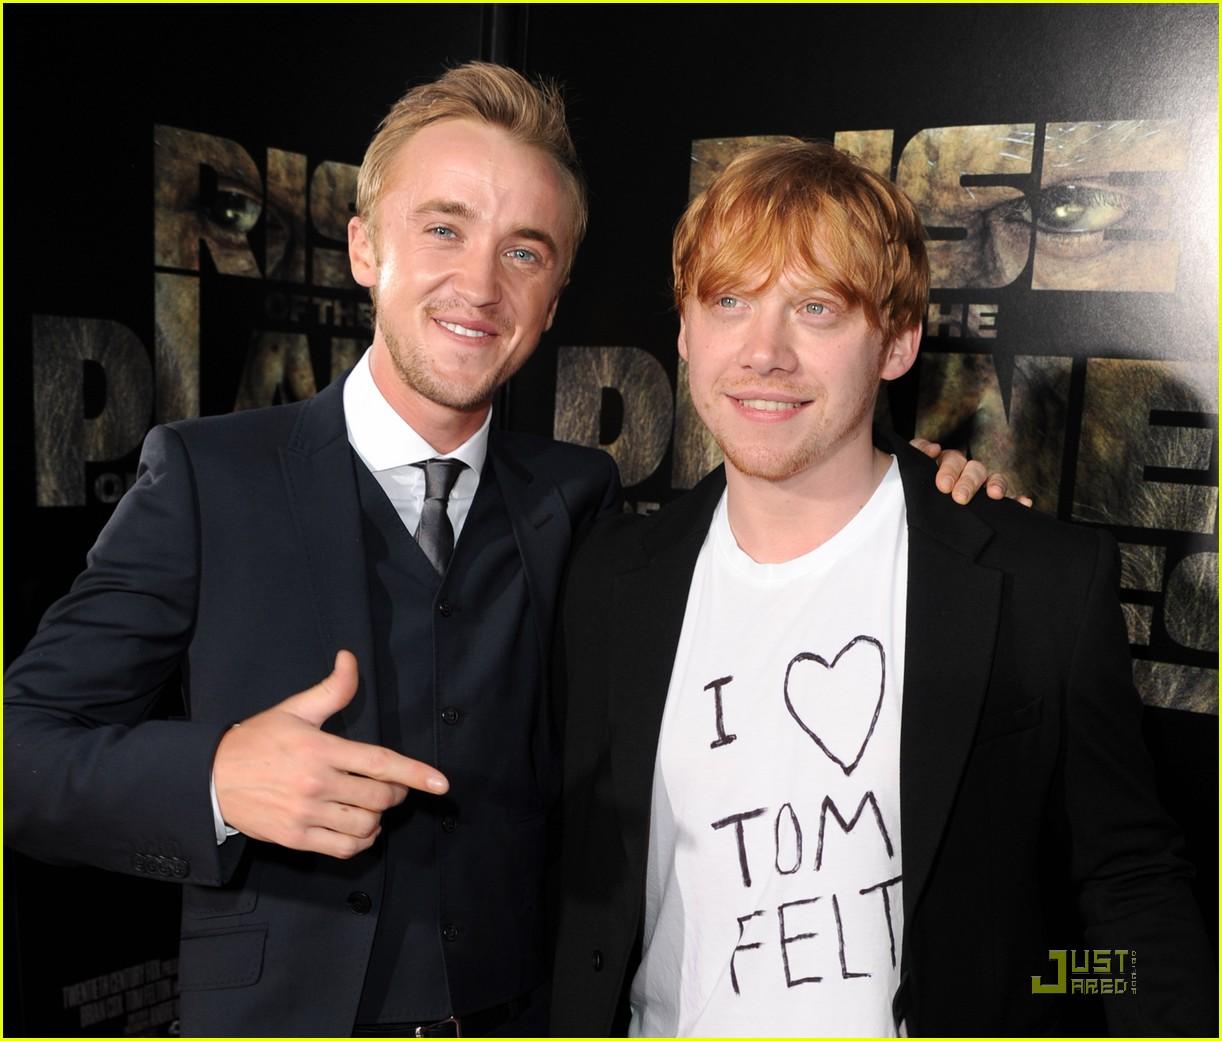 Rupert Grint Loves Tom Felton! | Photo 428580 - Photo ...